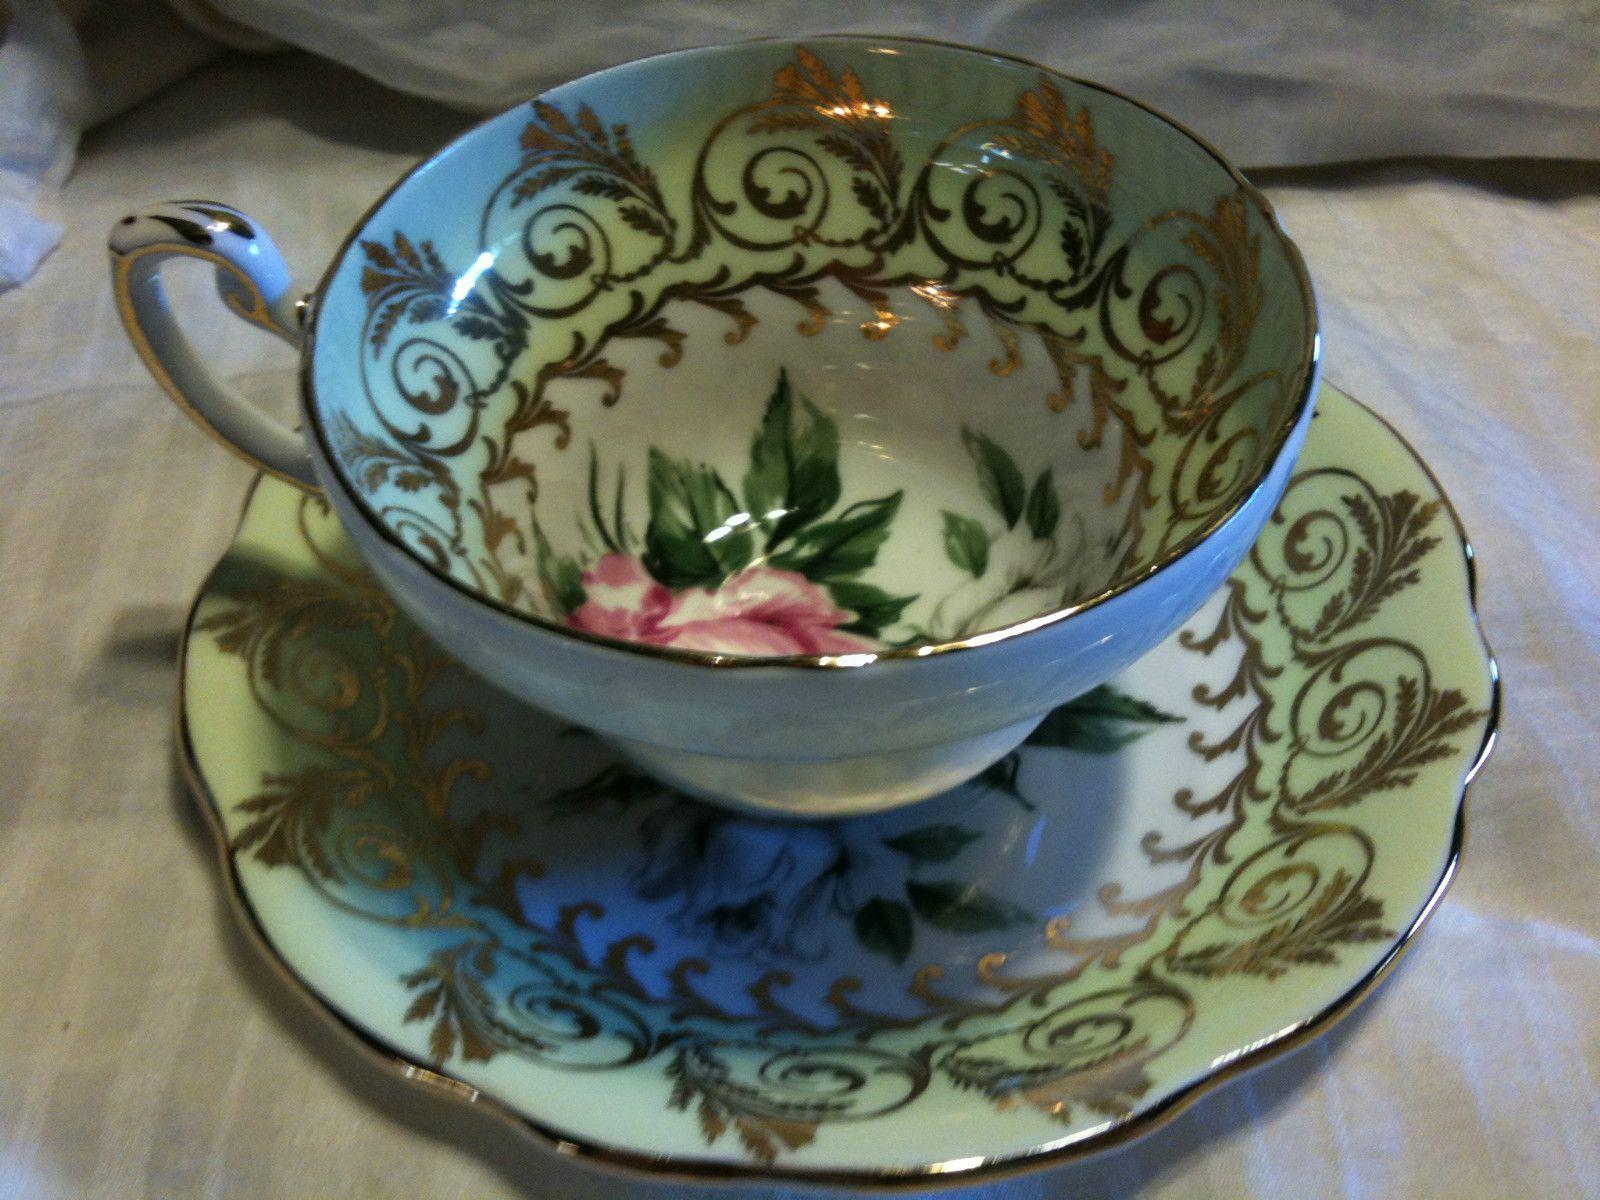 foley vintage fine bone china tea cup saucer on ebay. Black Bedroom Furniture Sets. Home Design Ideas